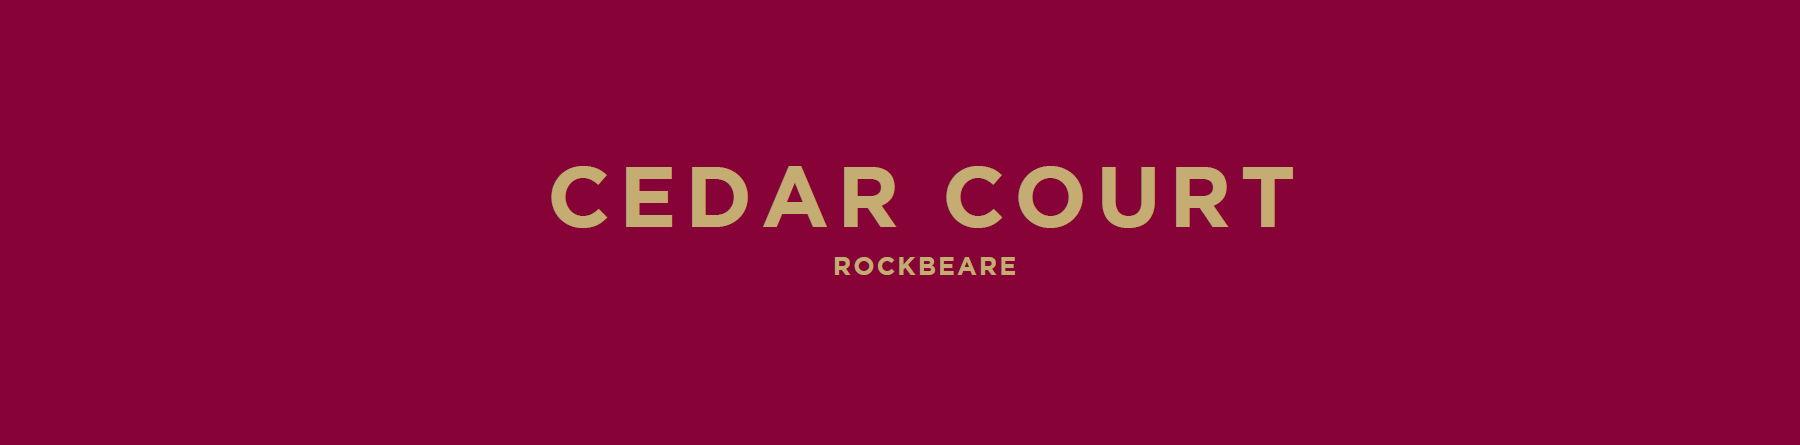 cedar-court-new